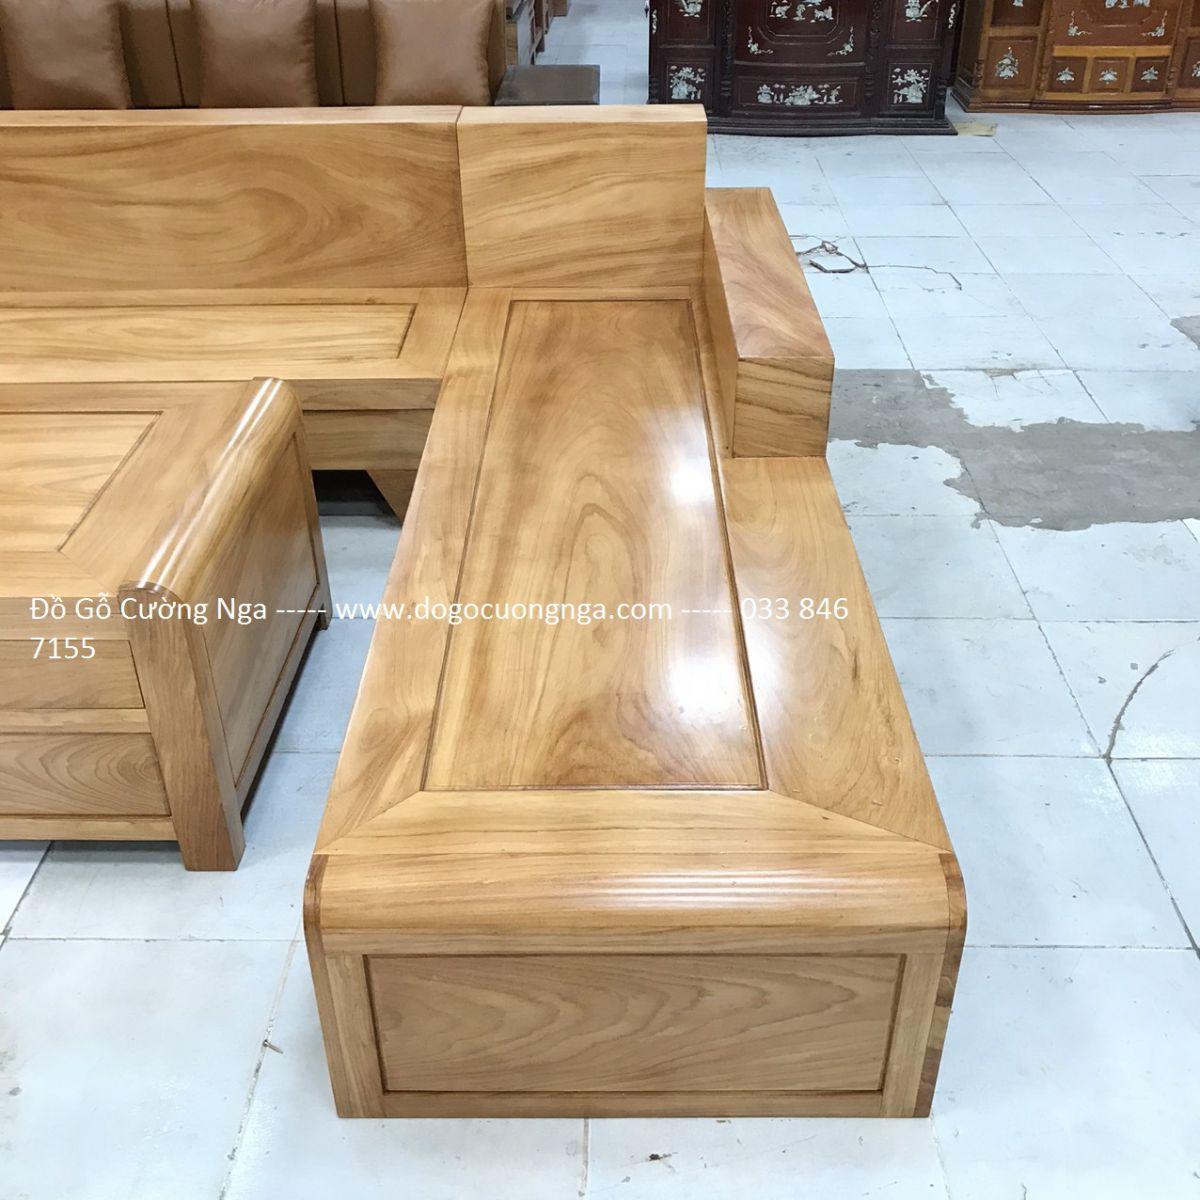 Bộ Bàn Ghế Sofa Gỗ Gõ Đỏ Mẫu Chân Cuốn 2m82x2m12 ( Vế phải ) (Ảnh 4)